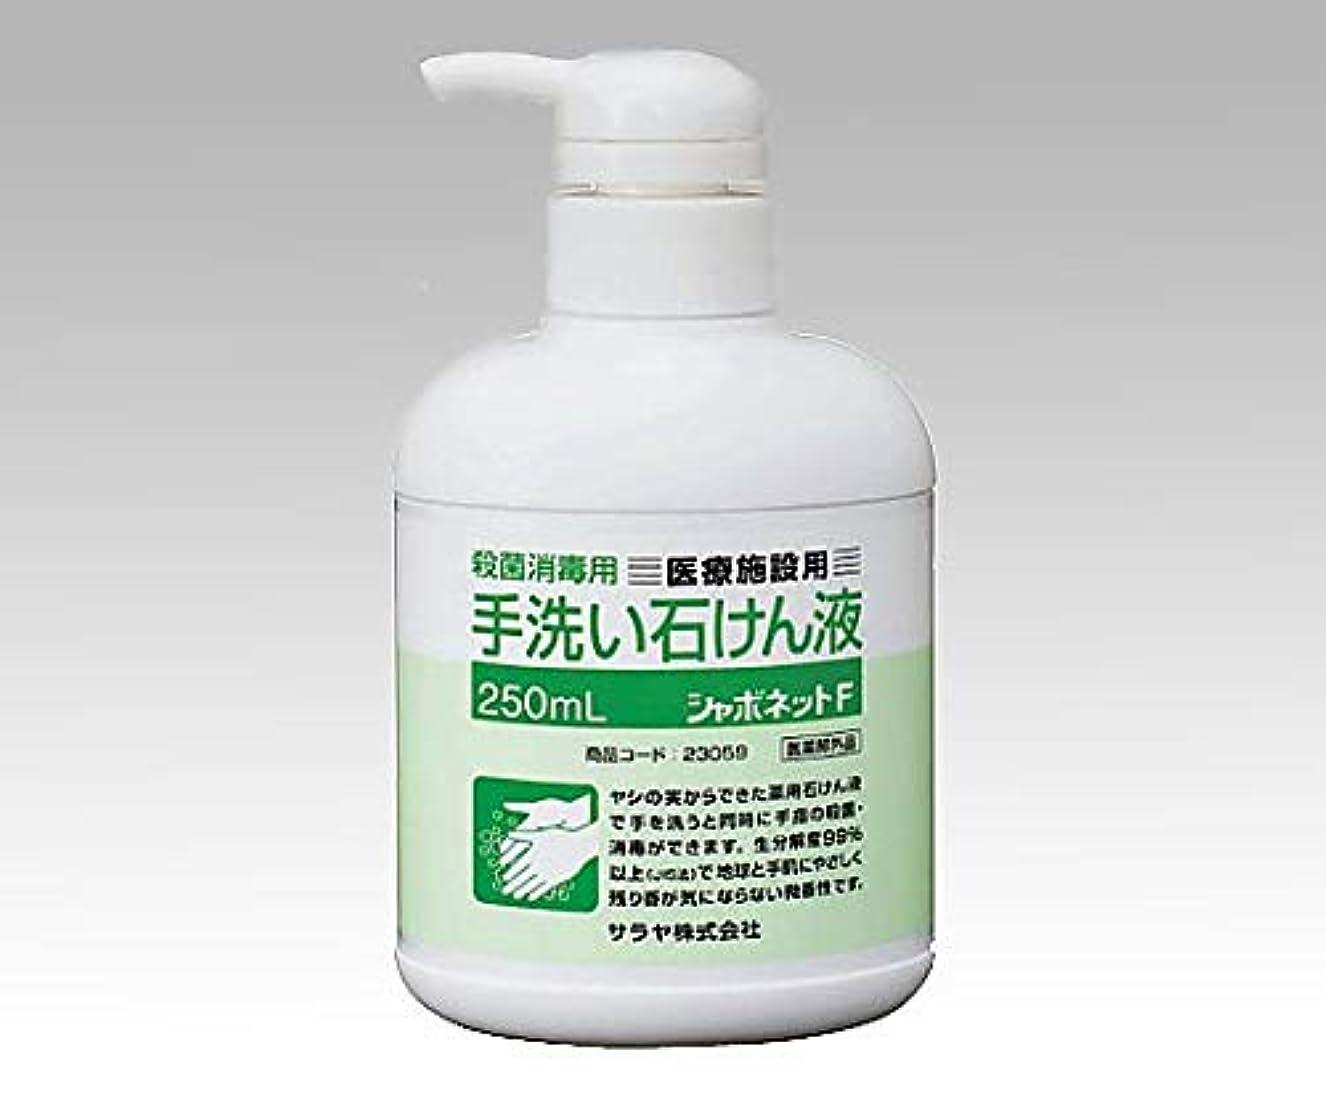 不適厳密に魅力的であることへのアピール石鹸液 23060 詰替用